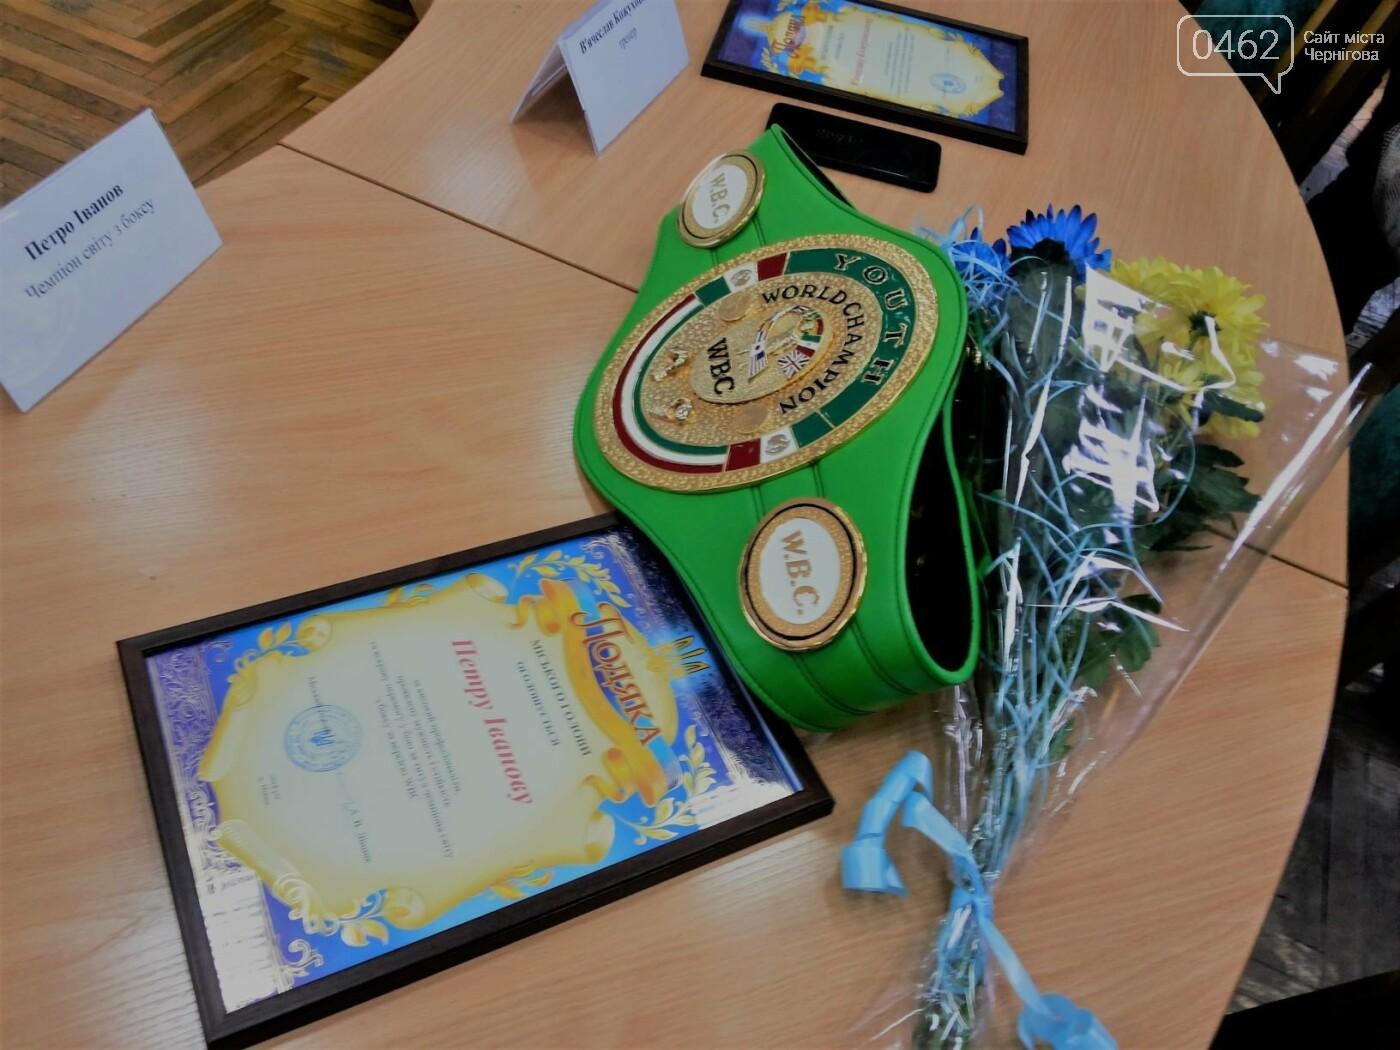 Ніжинська міська рада планує подарувати квартиру чемпіону світу з боксу, фото-2